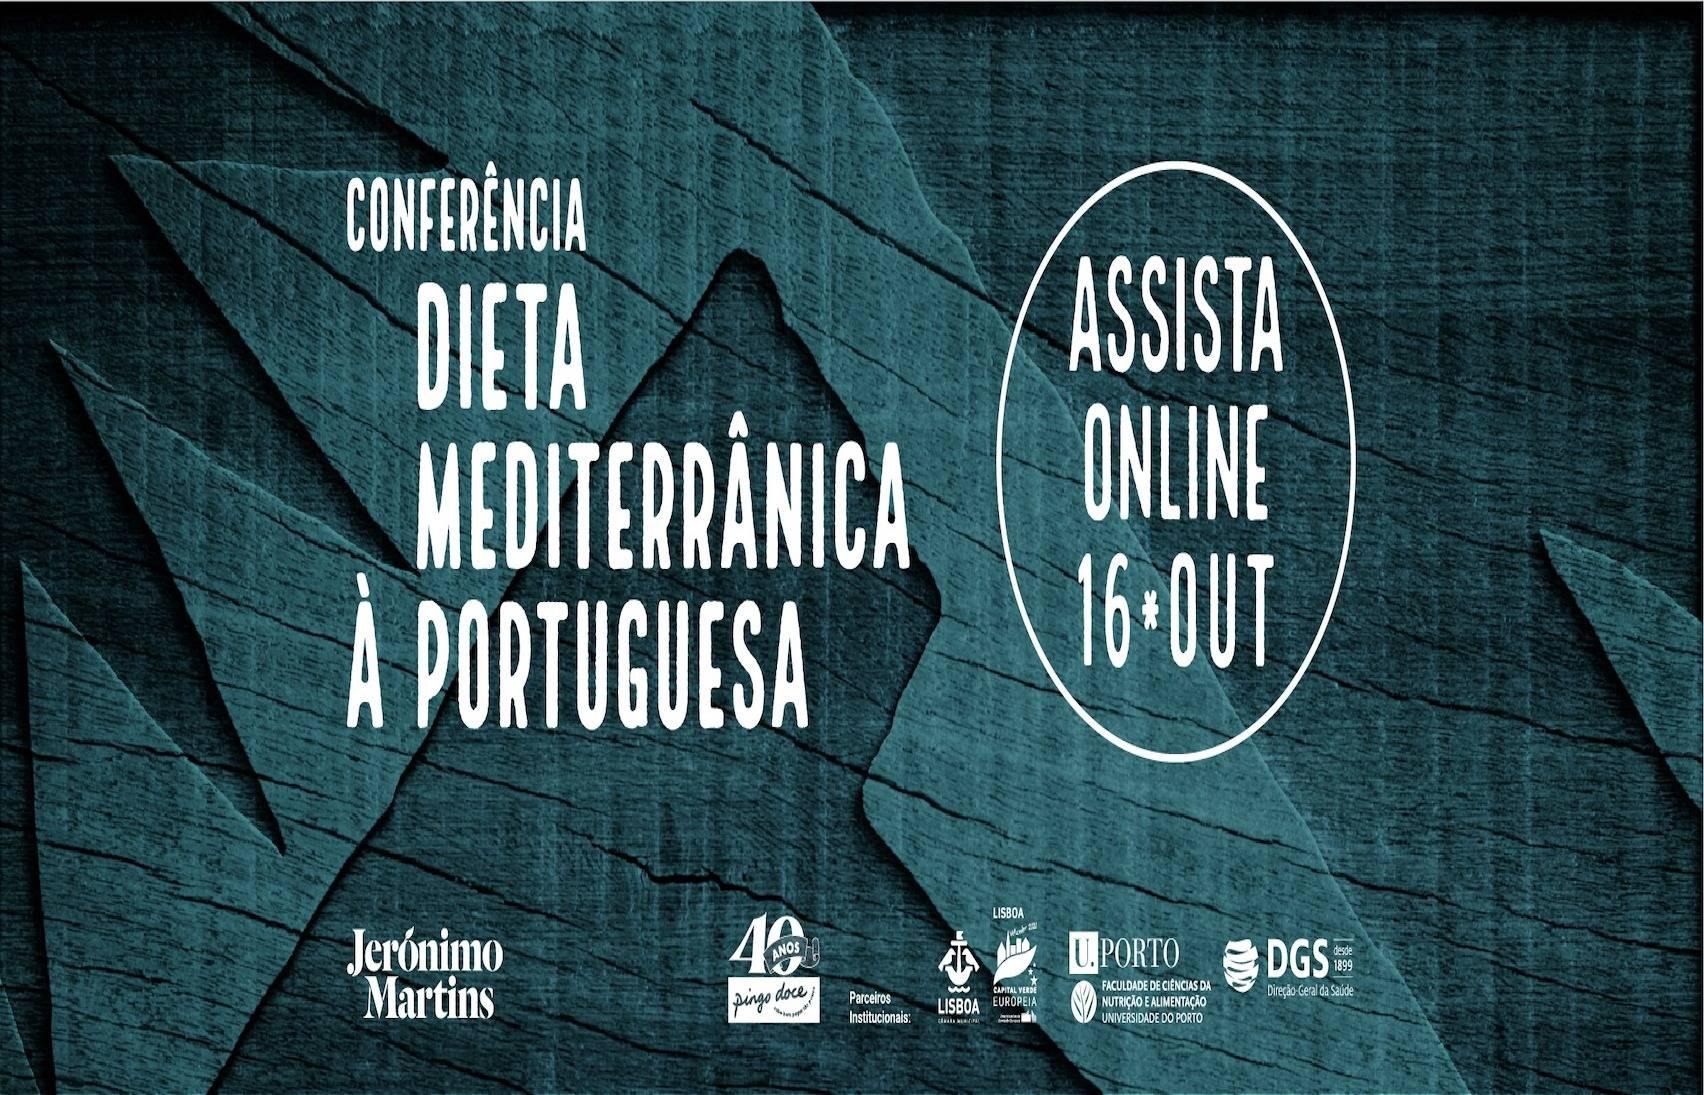 Conferência Dieta Mediterrânica à Portuguesa